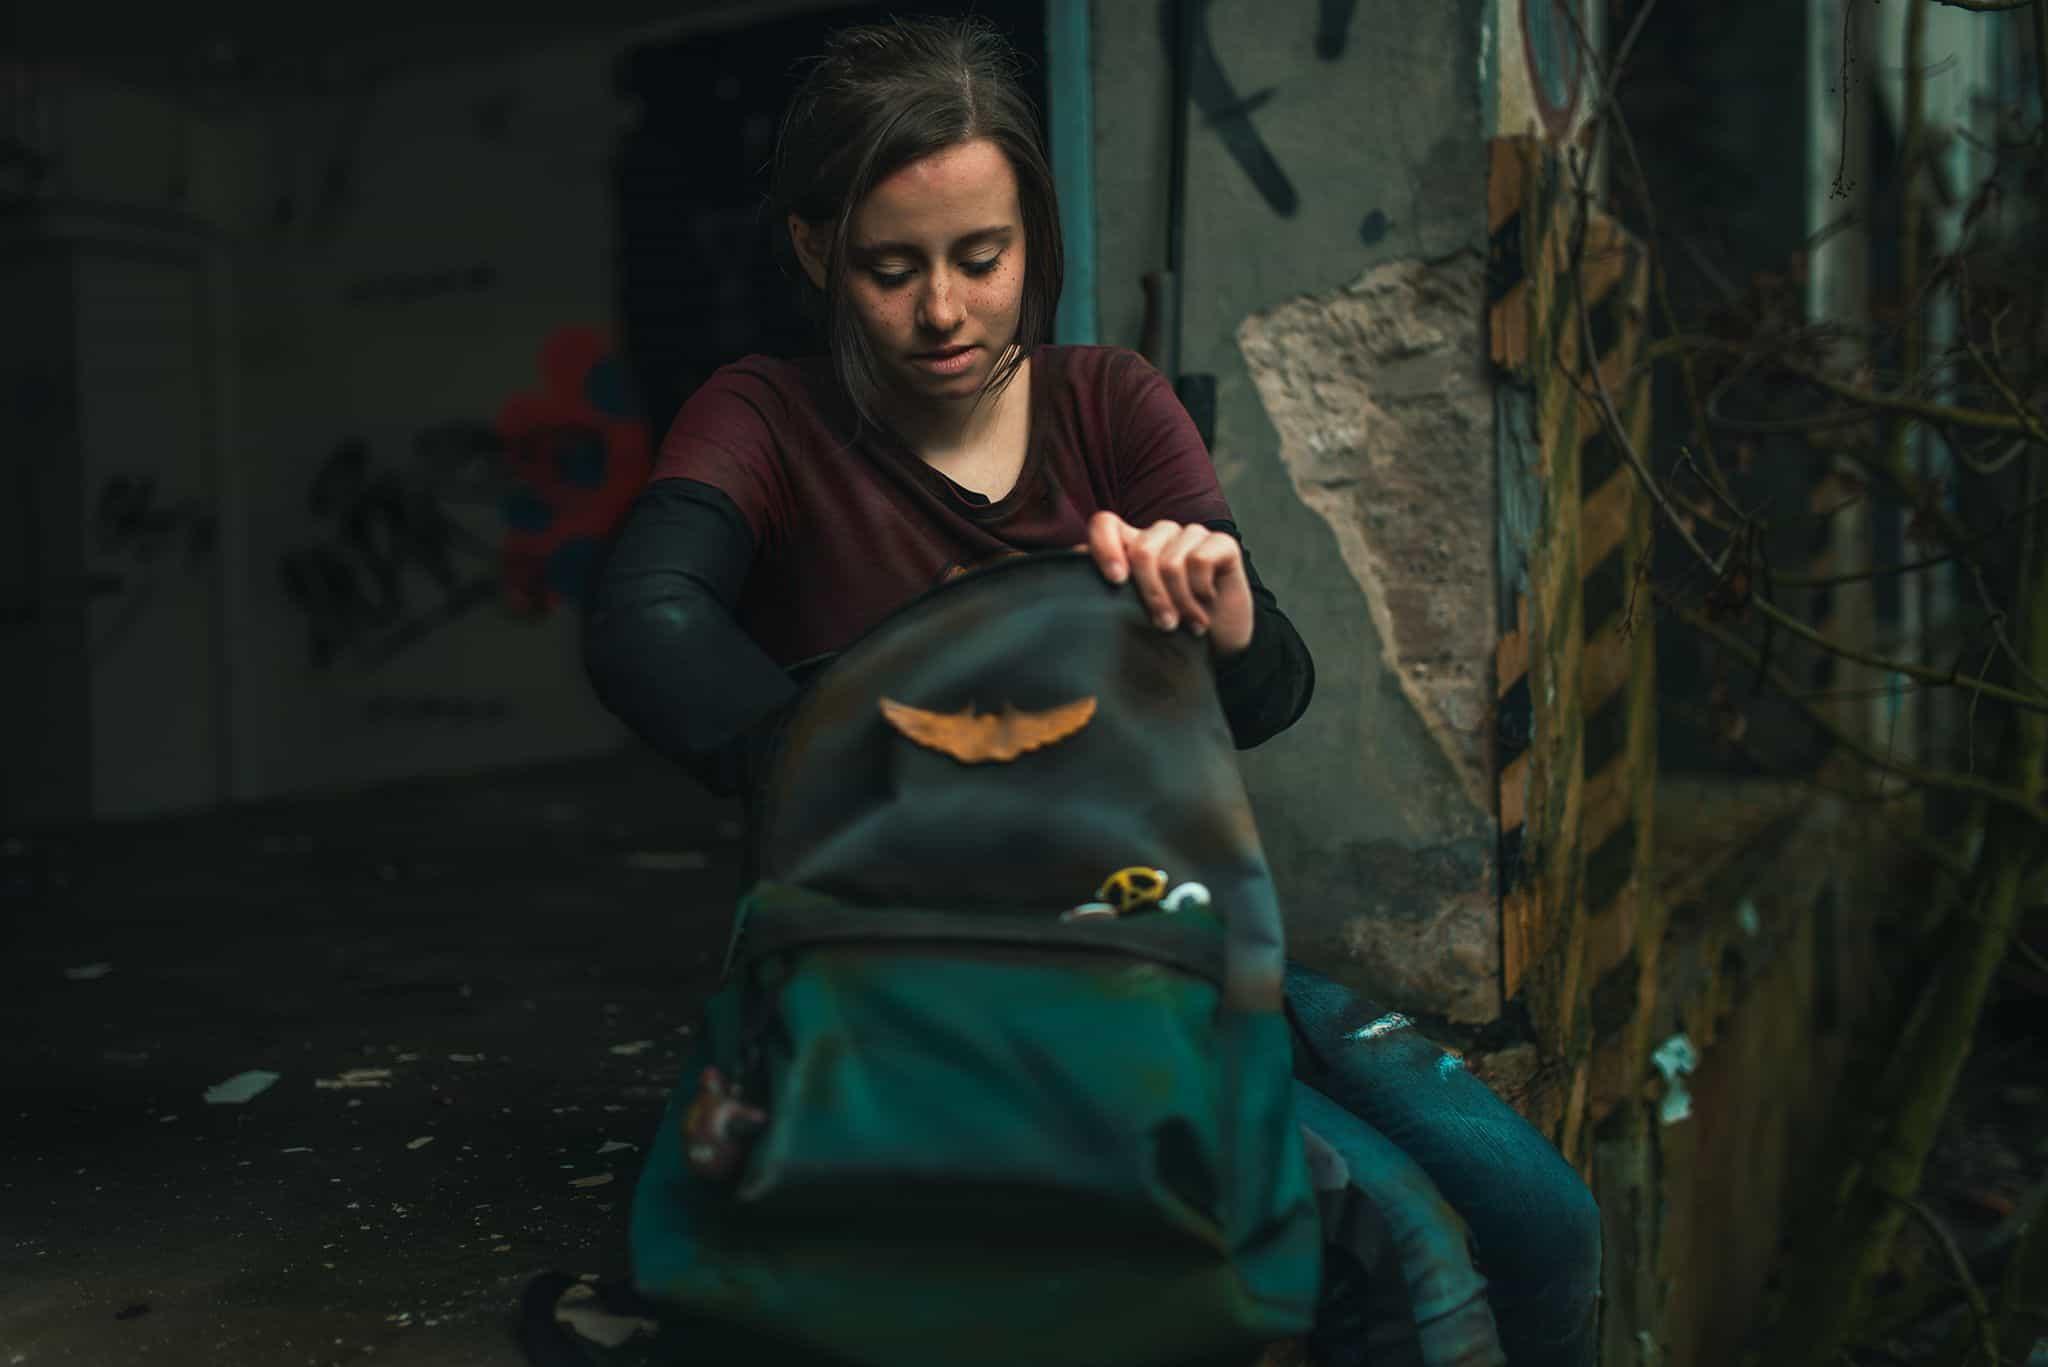 Rudana Cosplay als Ellie